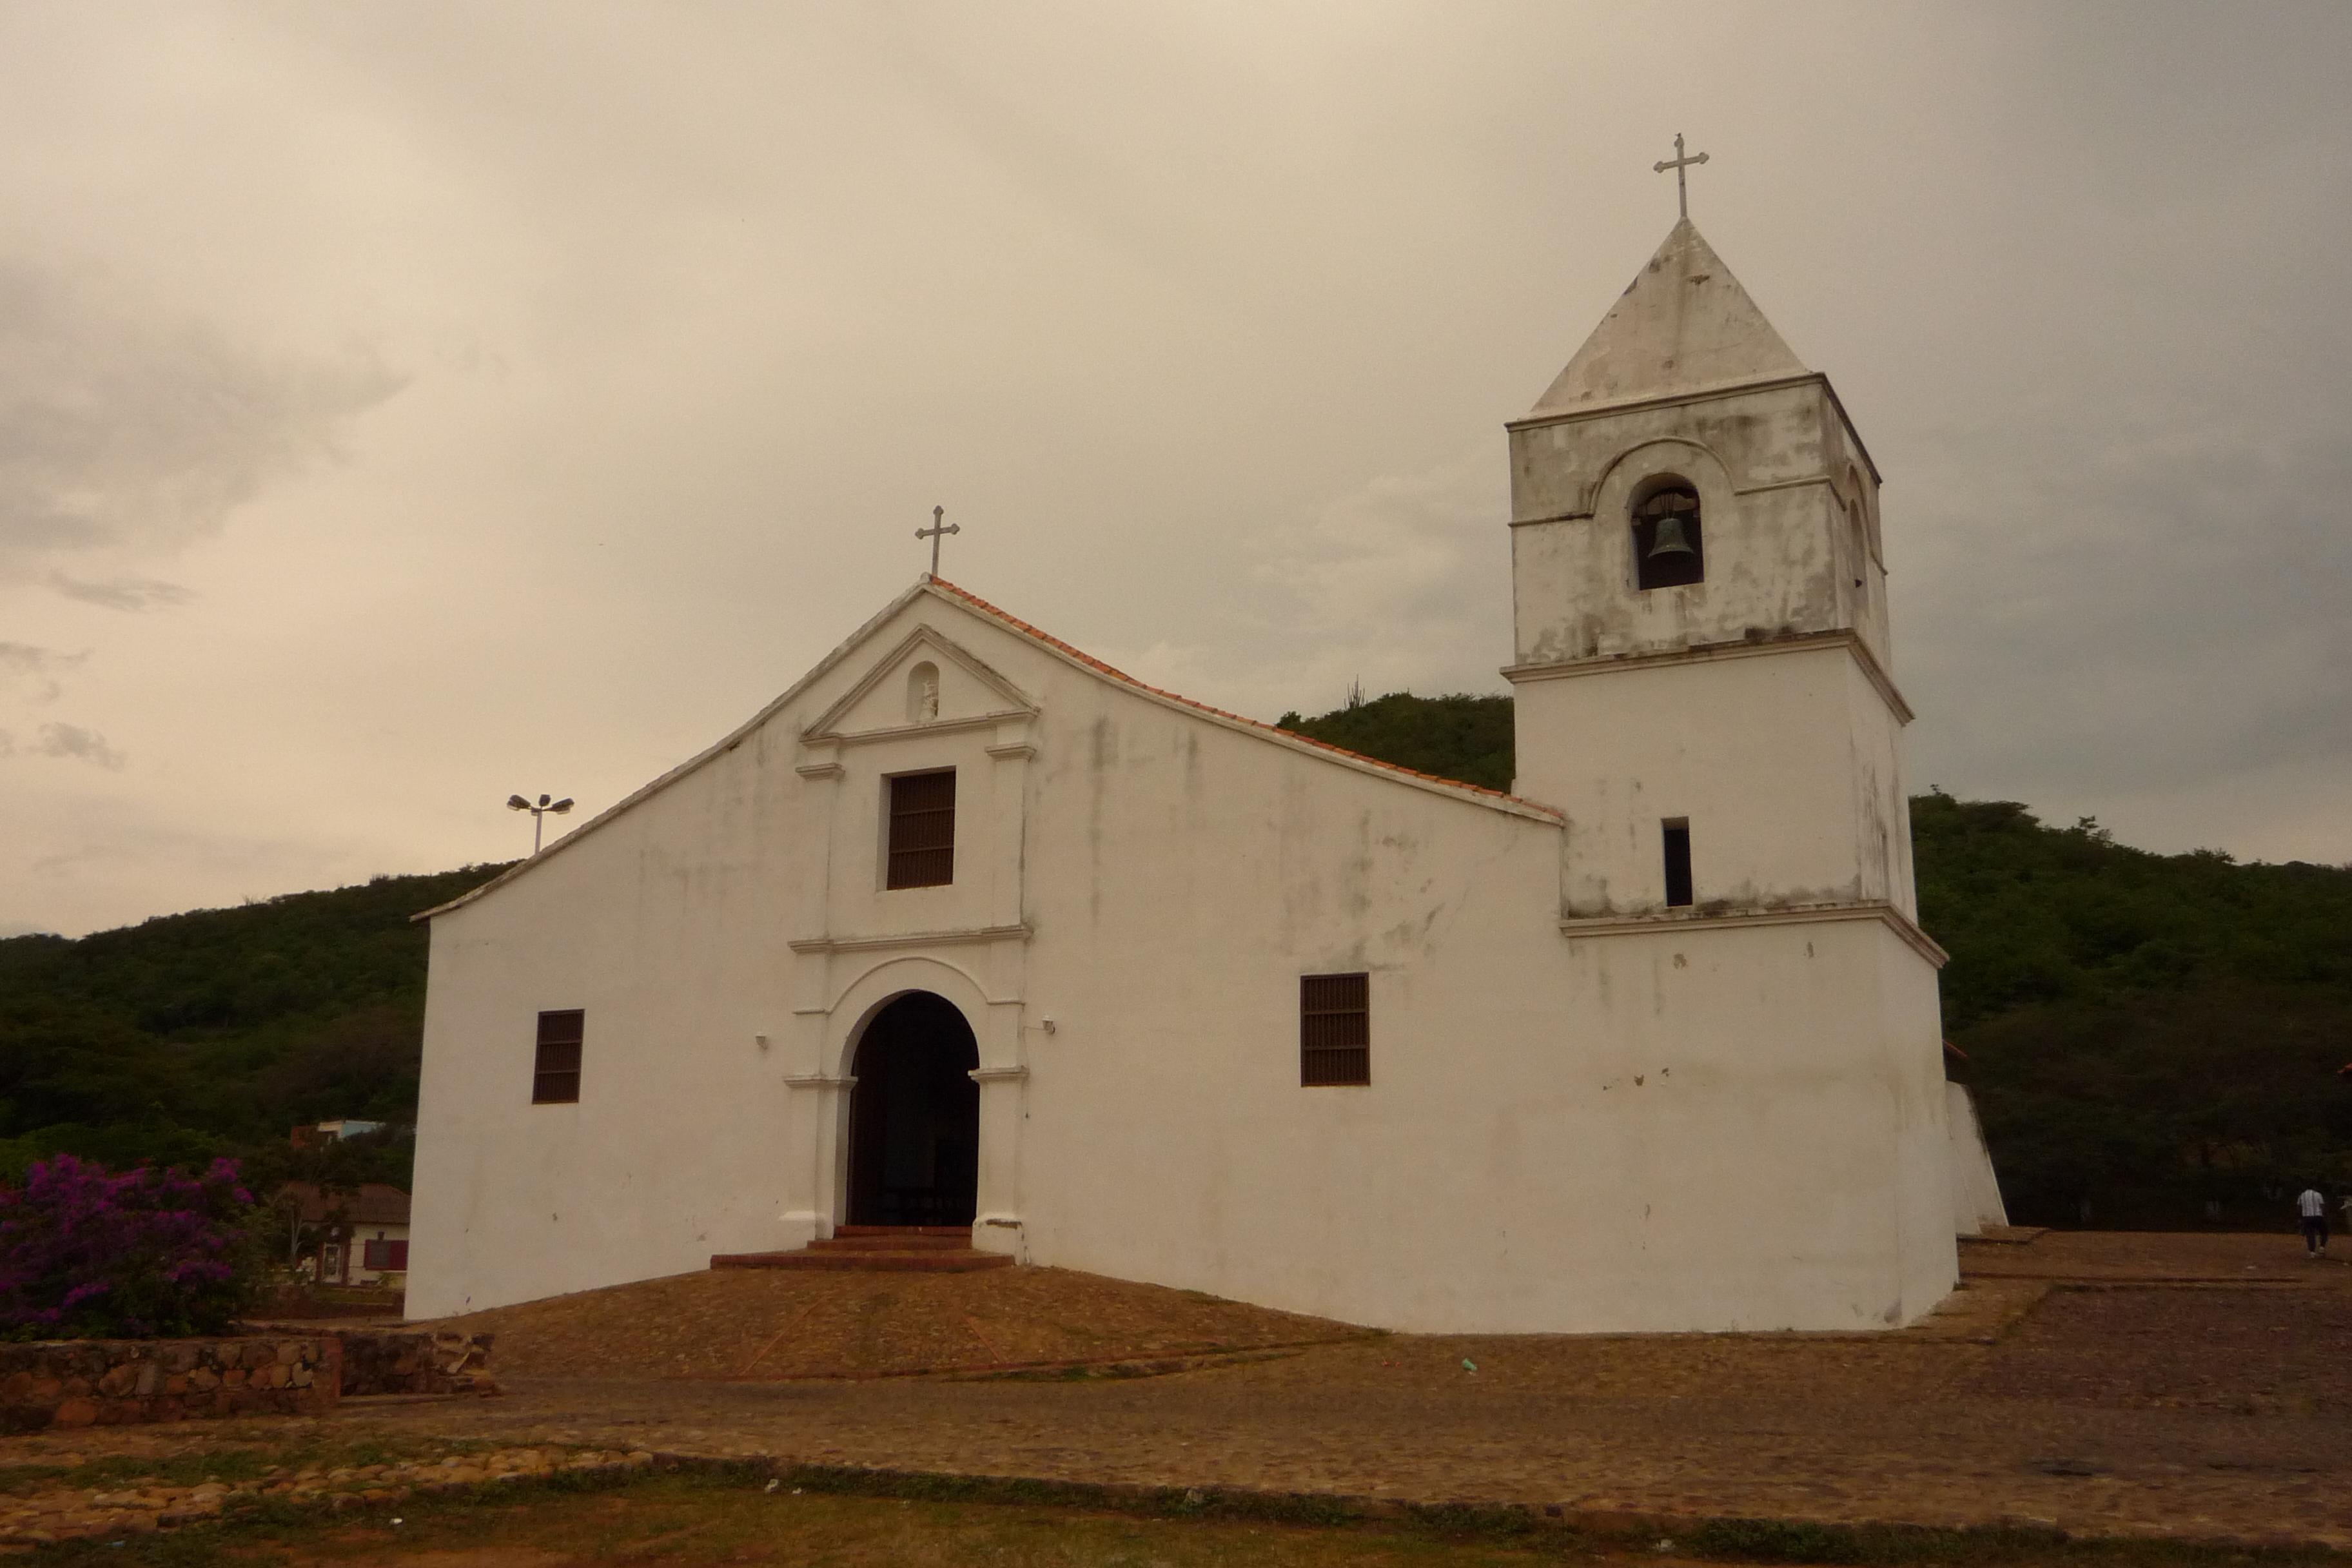 Immagini belle chiesa venezuela cielo sito storico for Sito storico